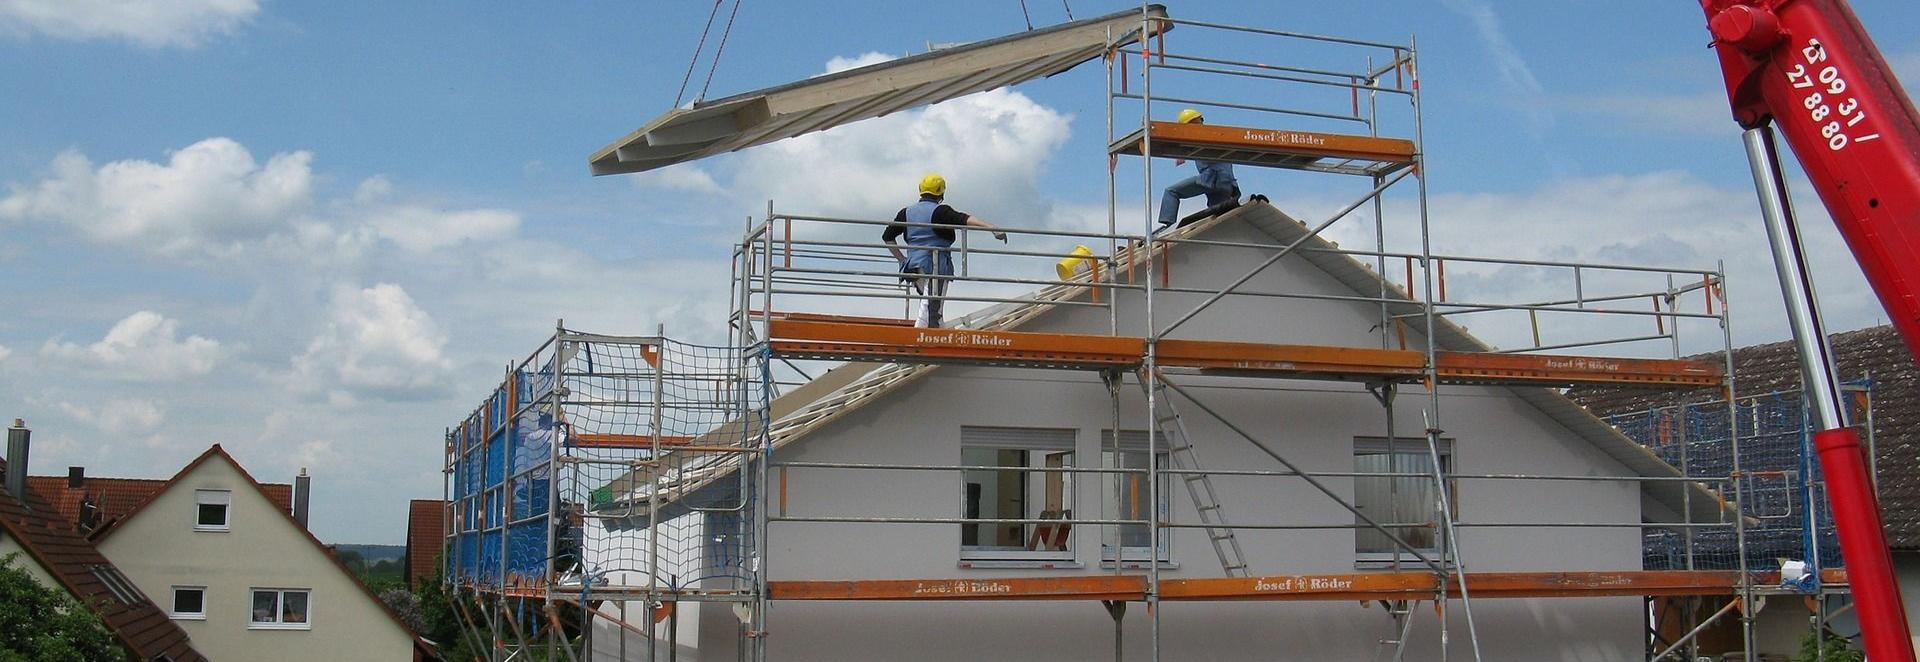 Bauherren brauchen Versicherungsschutz, ob vor, während oder nach dem Bau. Dabei können sie viel Geld sparen, wenn sie die richtige Police wählen. Unsere Beratung unterstützt Sie bei der richtigen Auswahl